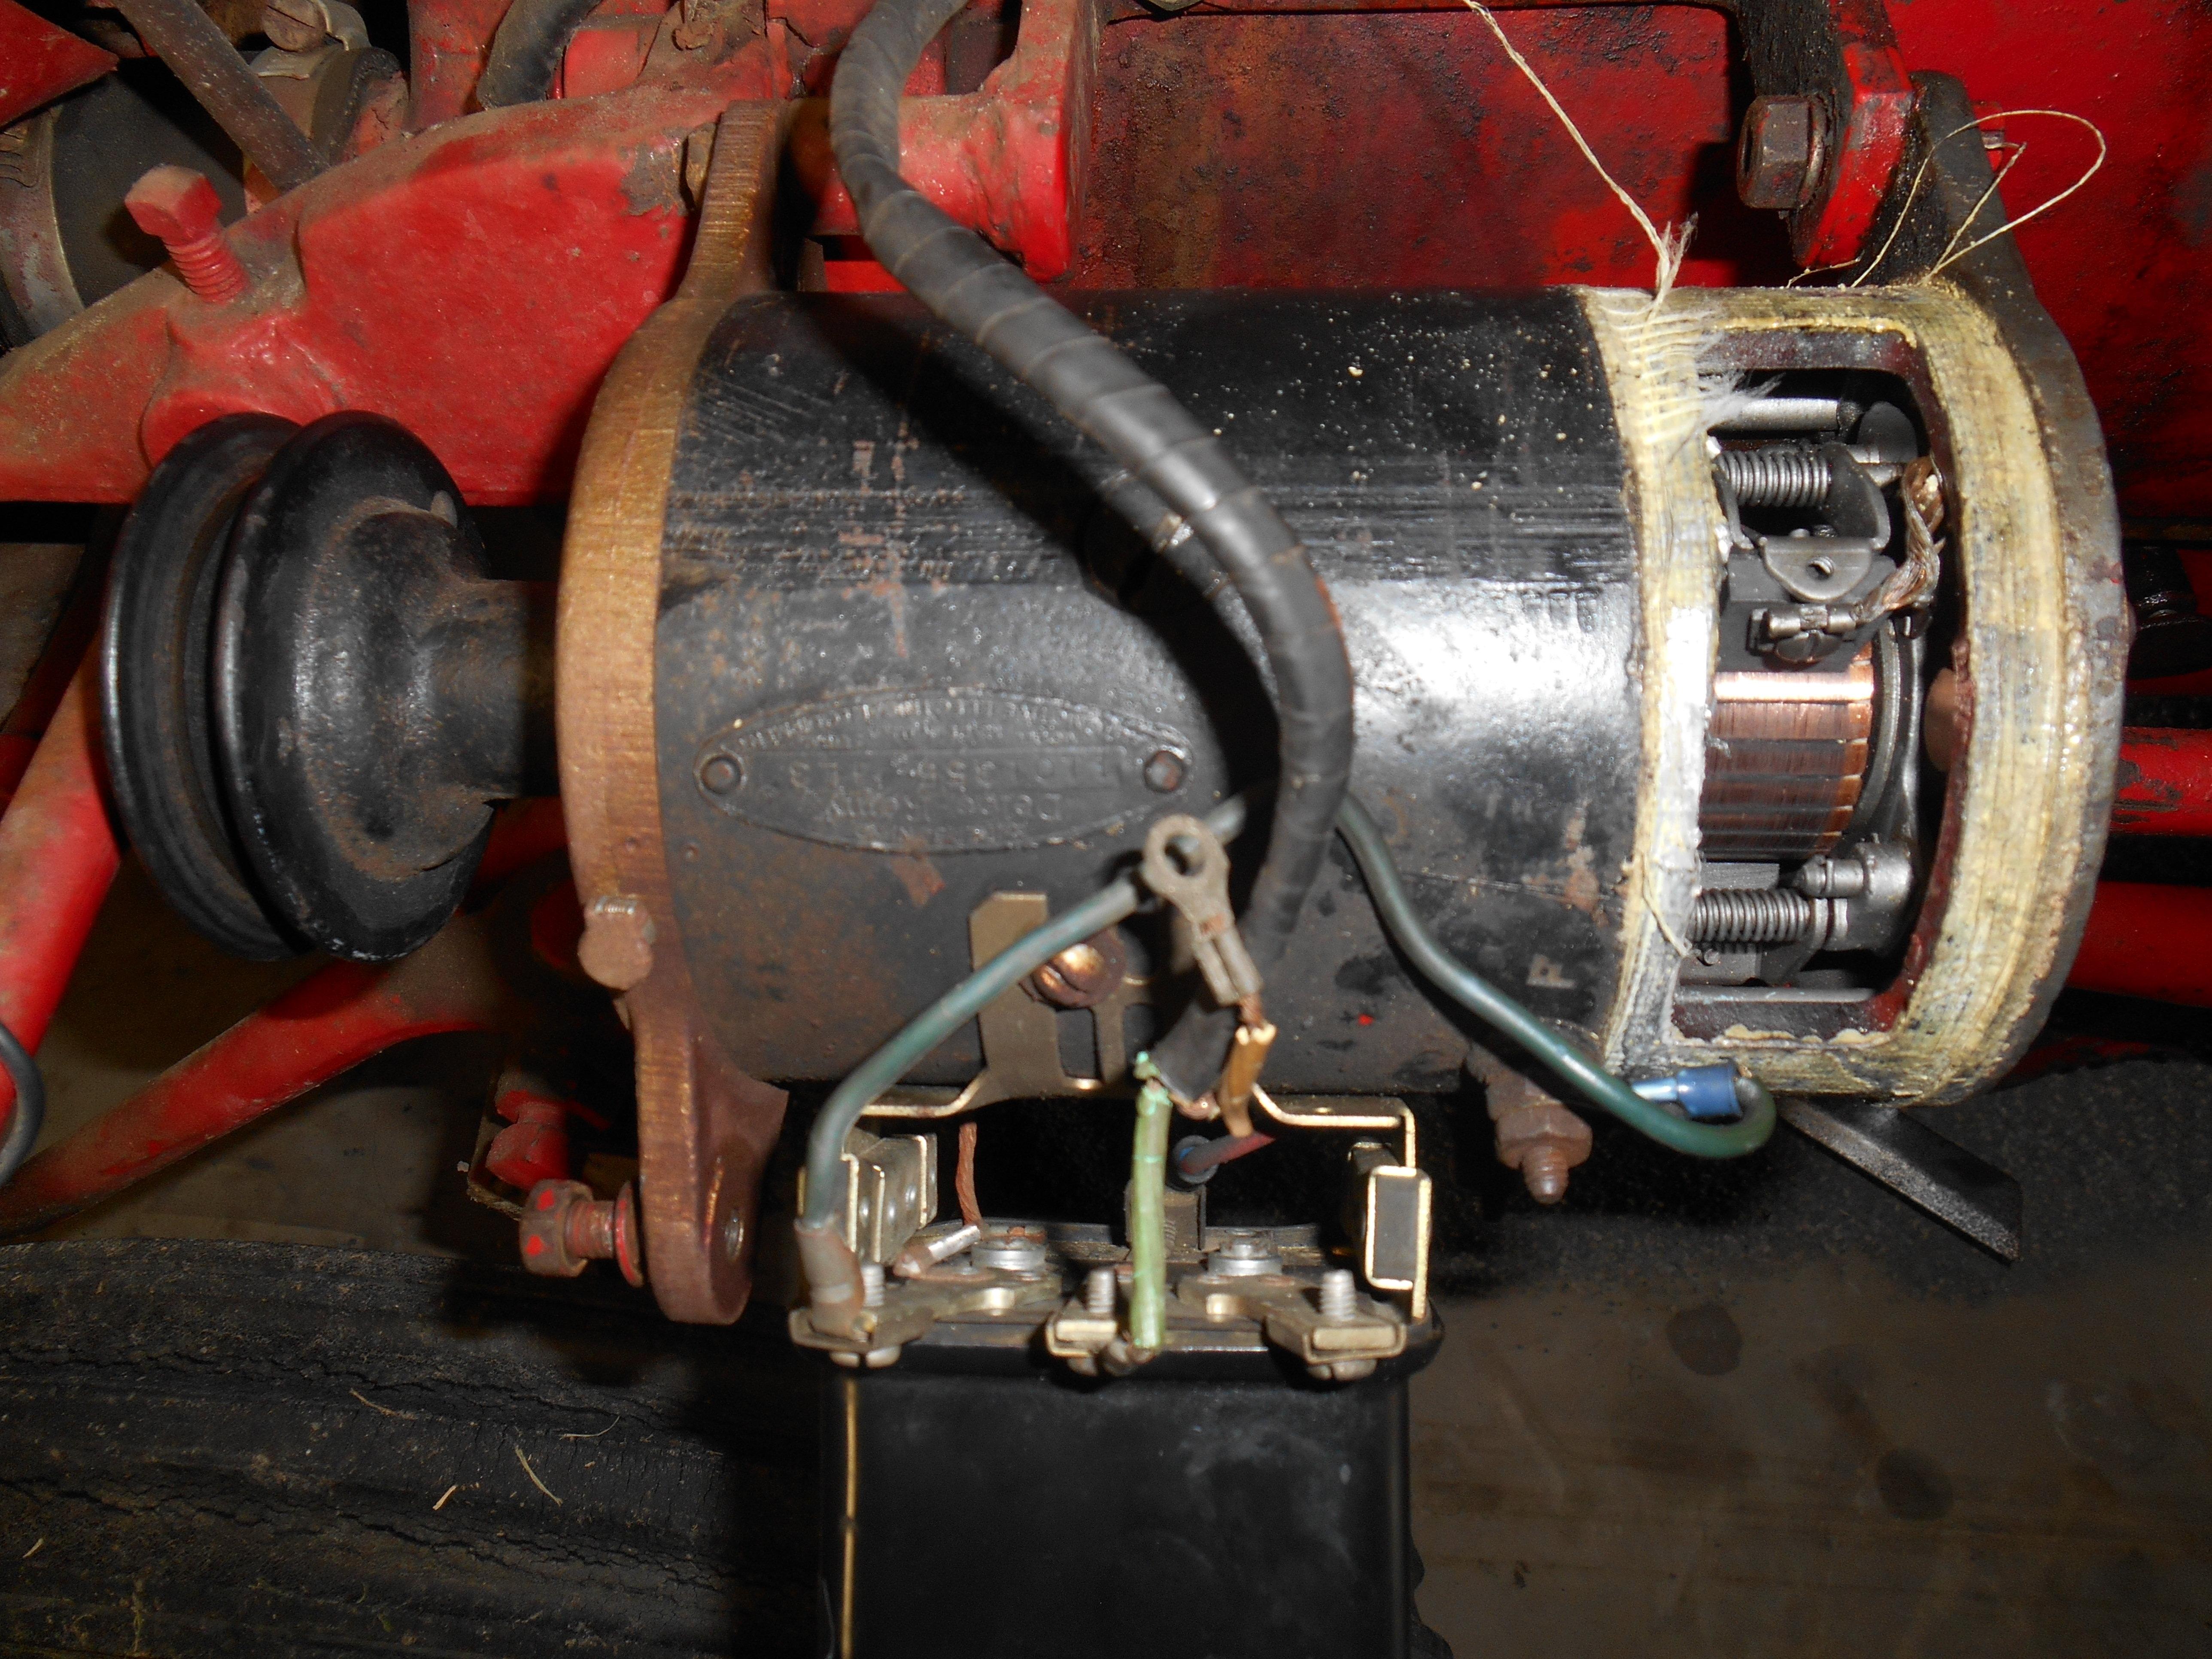 6 volt generator schematic delco remy 1101355 wiring diagram wiring diagrams dat  delco remy 1101355 wiring diagram